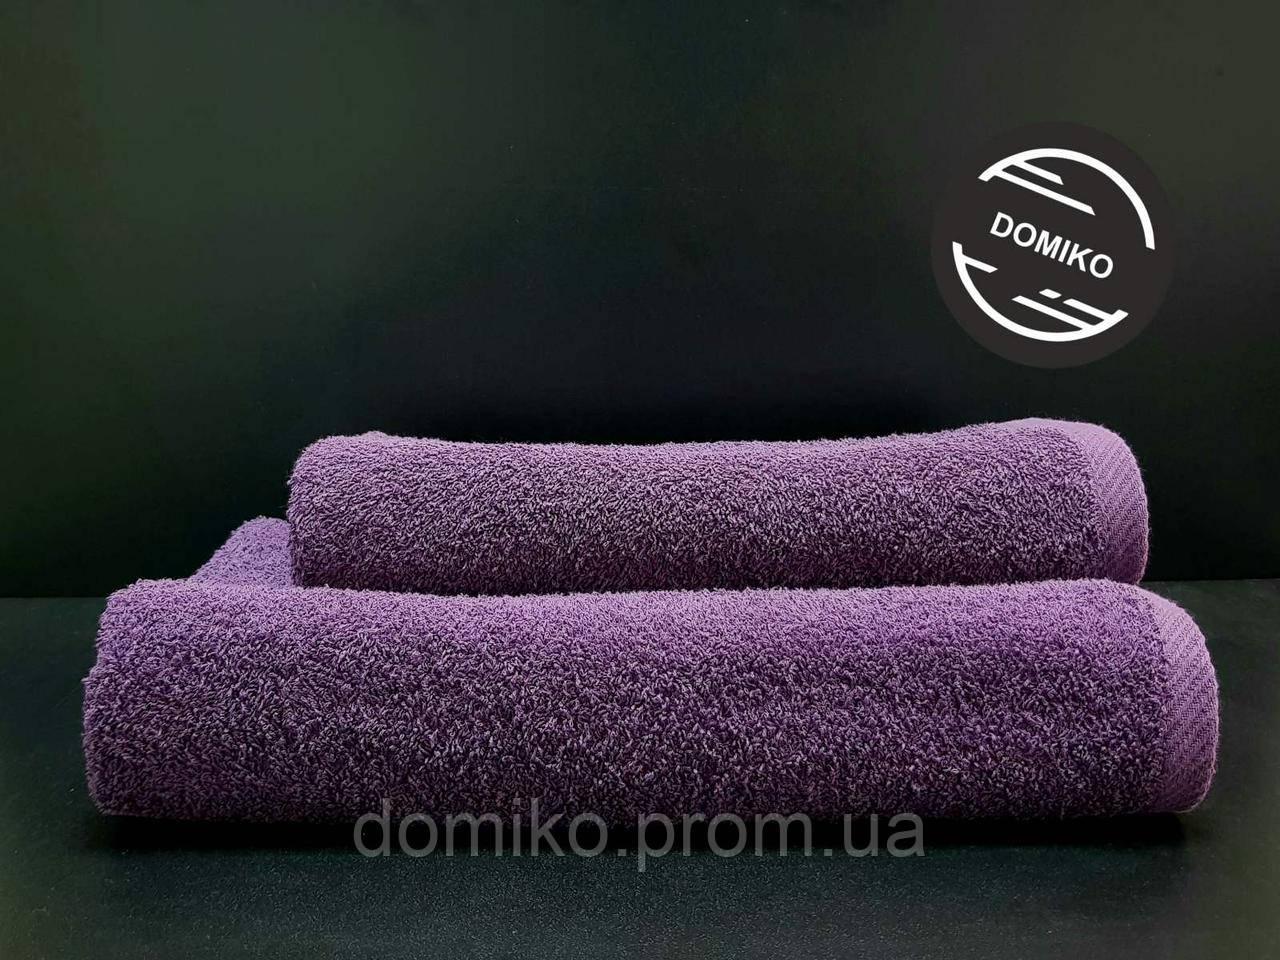 Полотенце махровое гладкокрашеное   50*90 фиолетовое Узбекистан